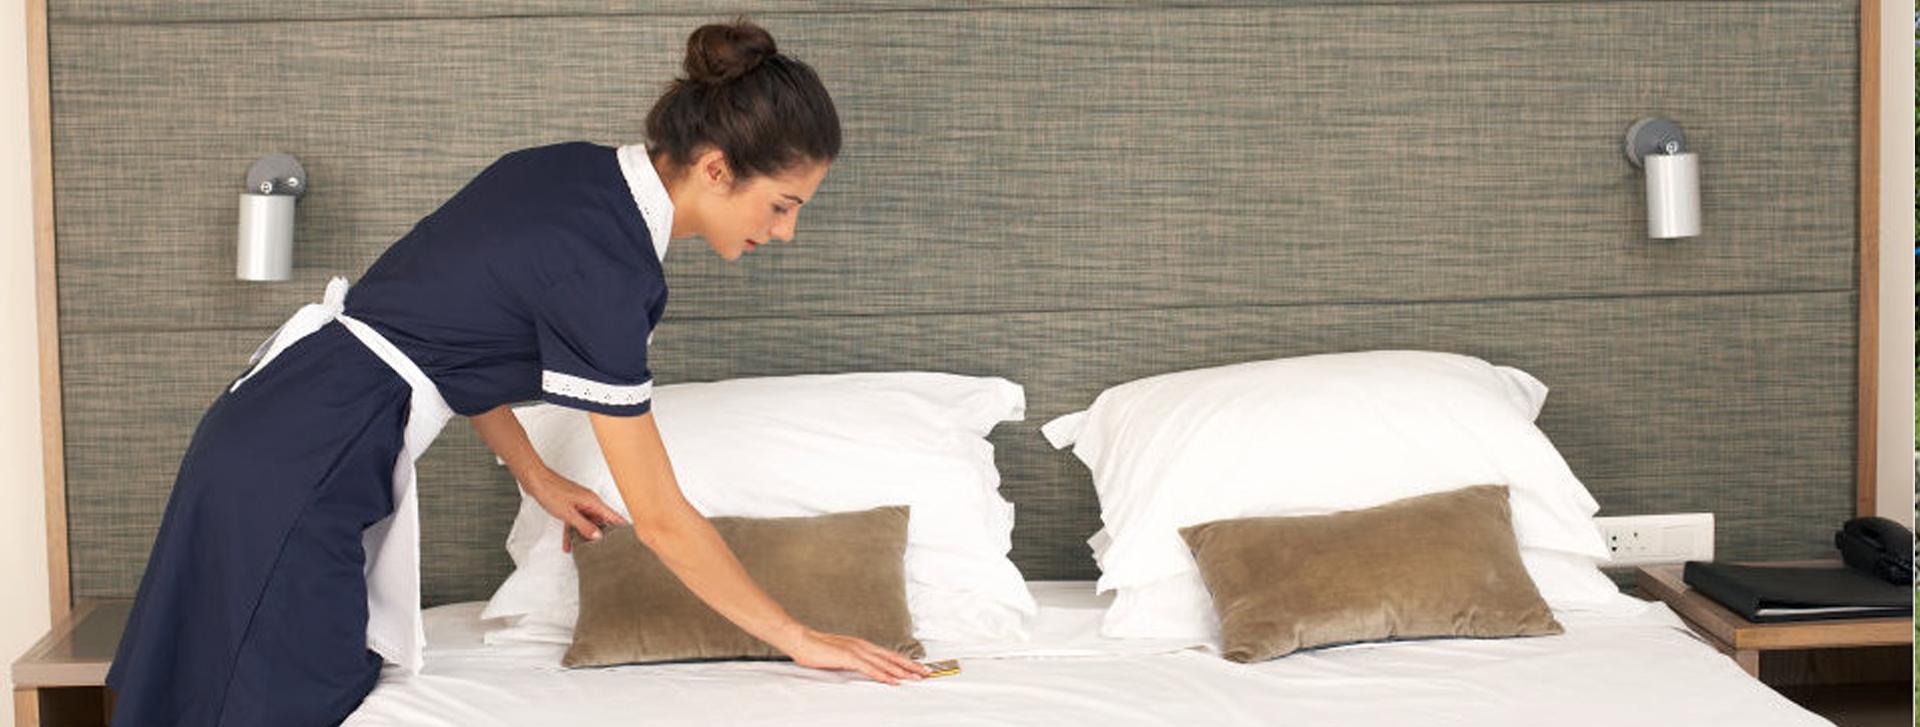 limpieza habitaciones hotel